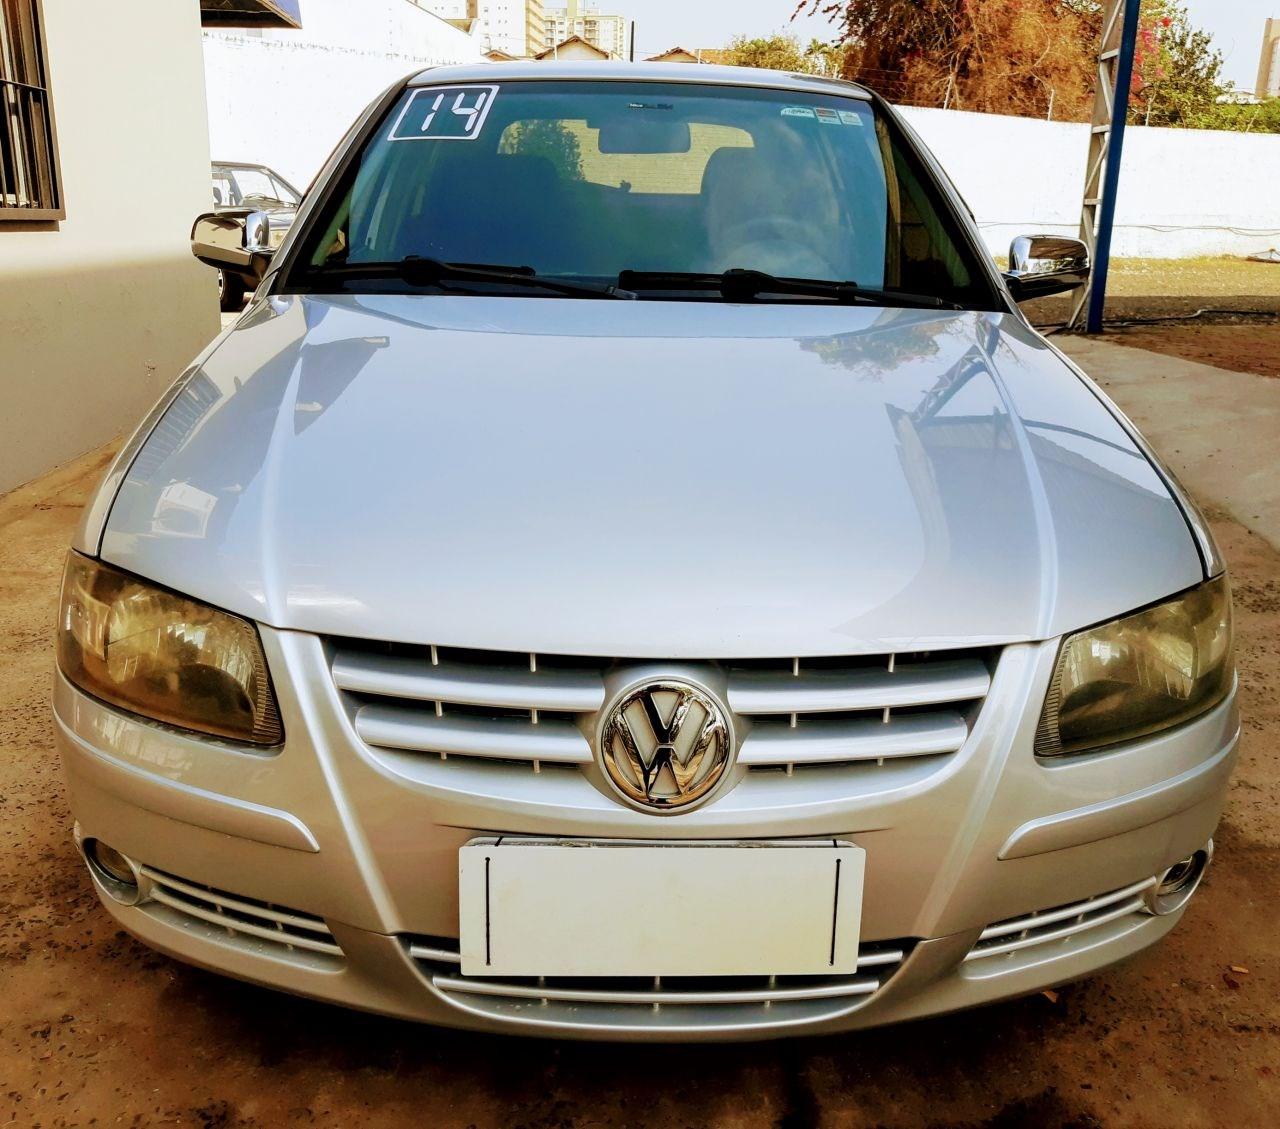 //www.autoline.com.br/carro/volkswagen/gol-10-8v-flex-4p-manual/2014/piracicaba-sp/15614332